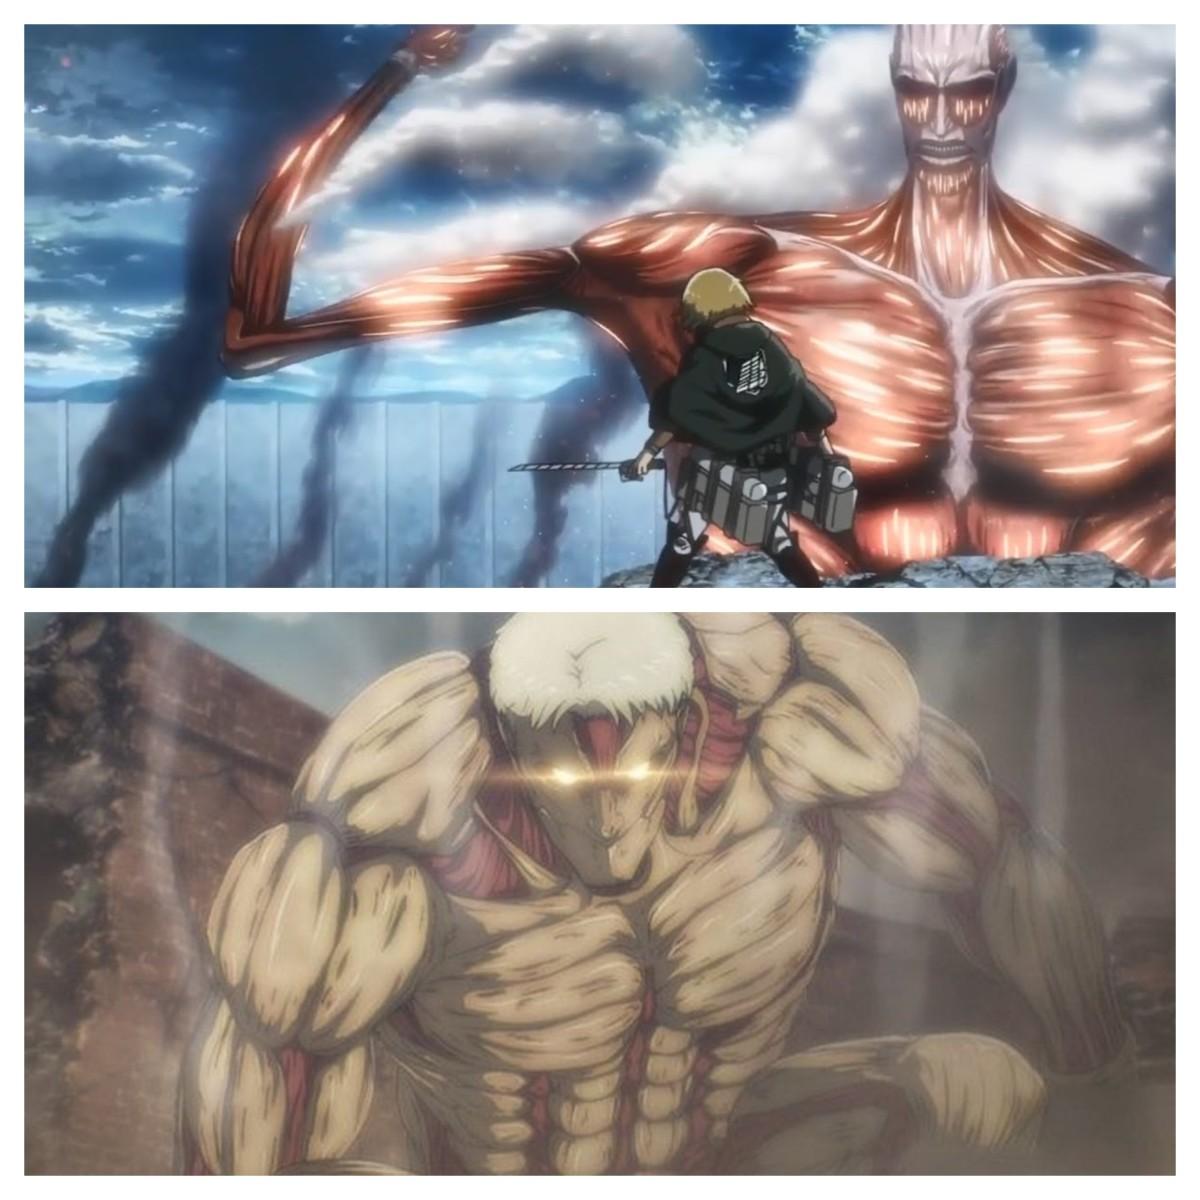 Season 3 Colossal Titan vs Season 4 Armored Titan